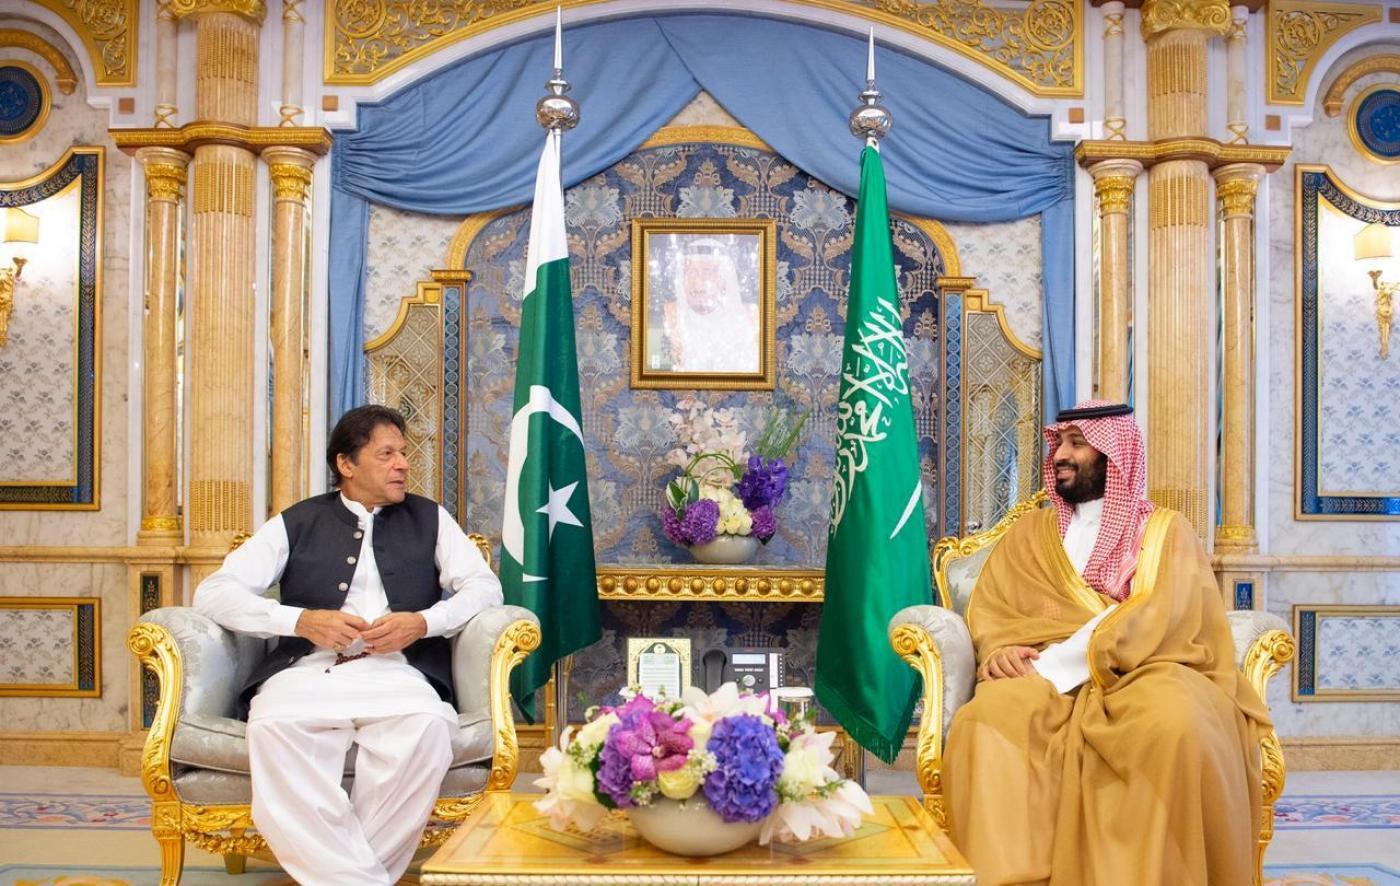 Pakistan & the Kingdom of Saudi Arabia agree to work on Kashmir, Palestine, Yemen